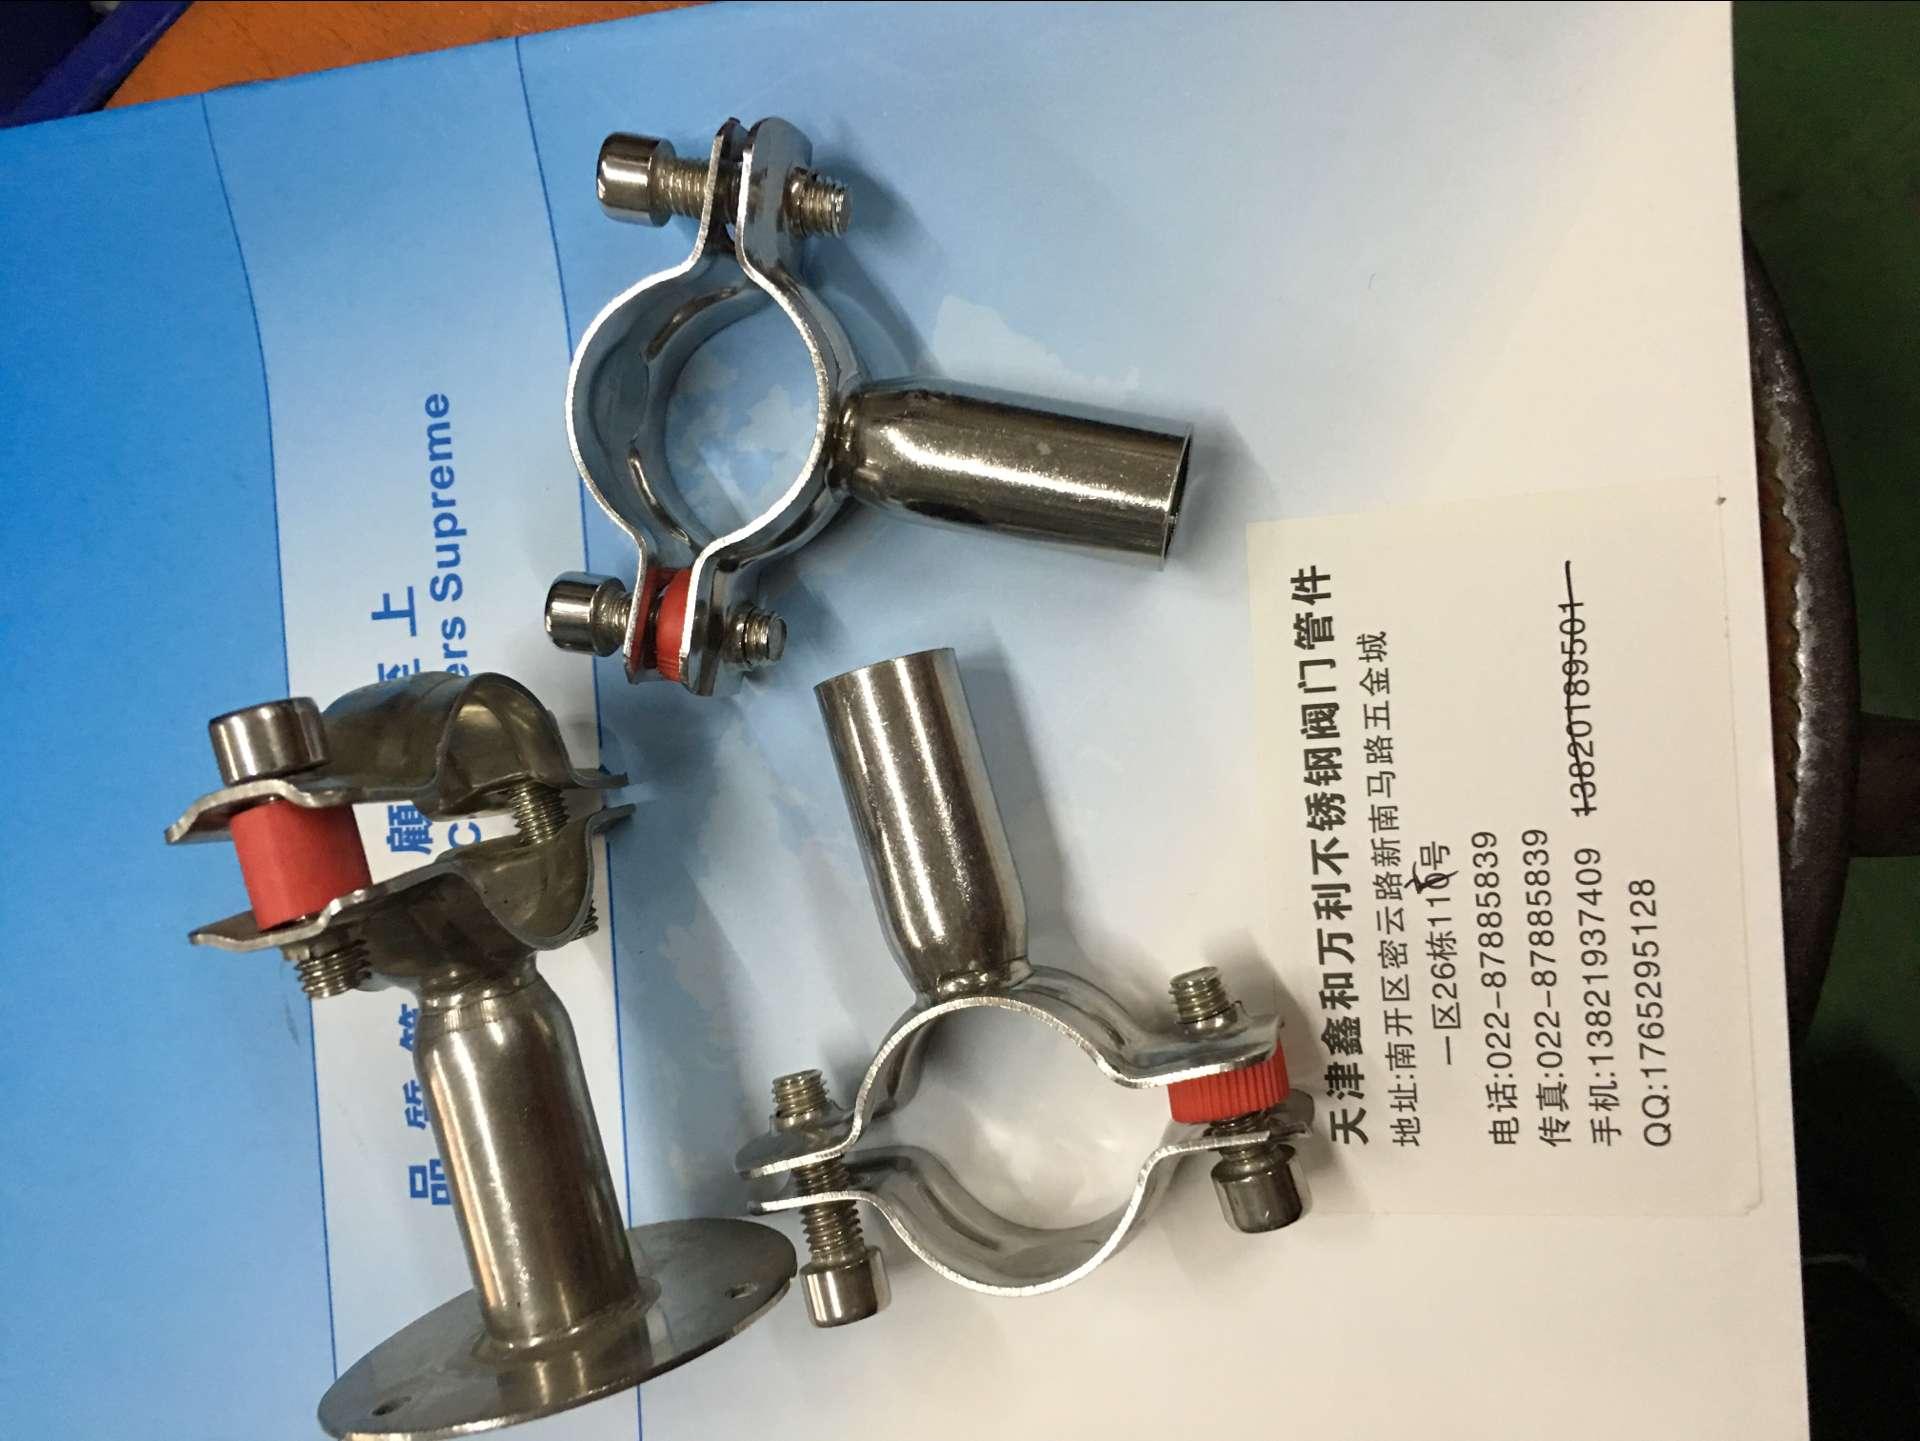 مع الترباس أنابيب المشبك الفولاذ المقاوم للصدأ حزام قابل للتعديل أنبوب الترباس أنابيب المشبك قوس الأنابيب الملحومة هيكل ثابت الرائعة